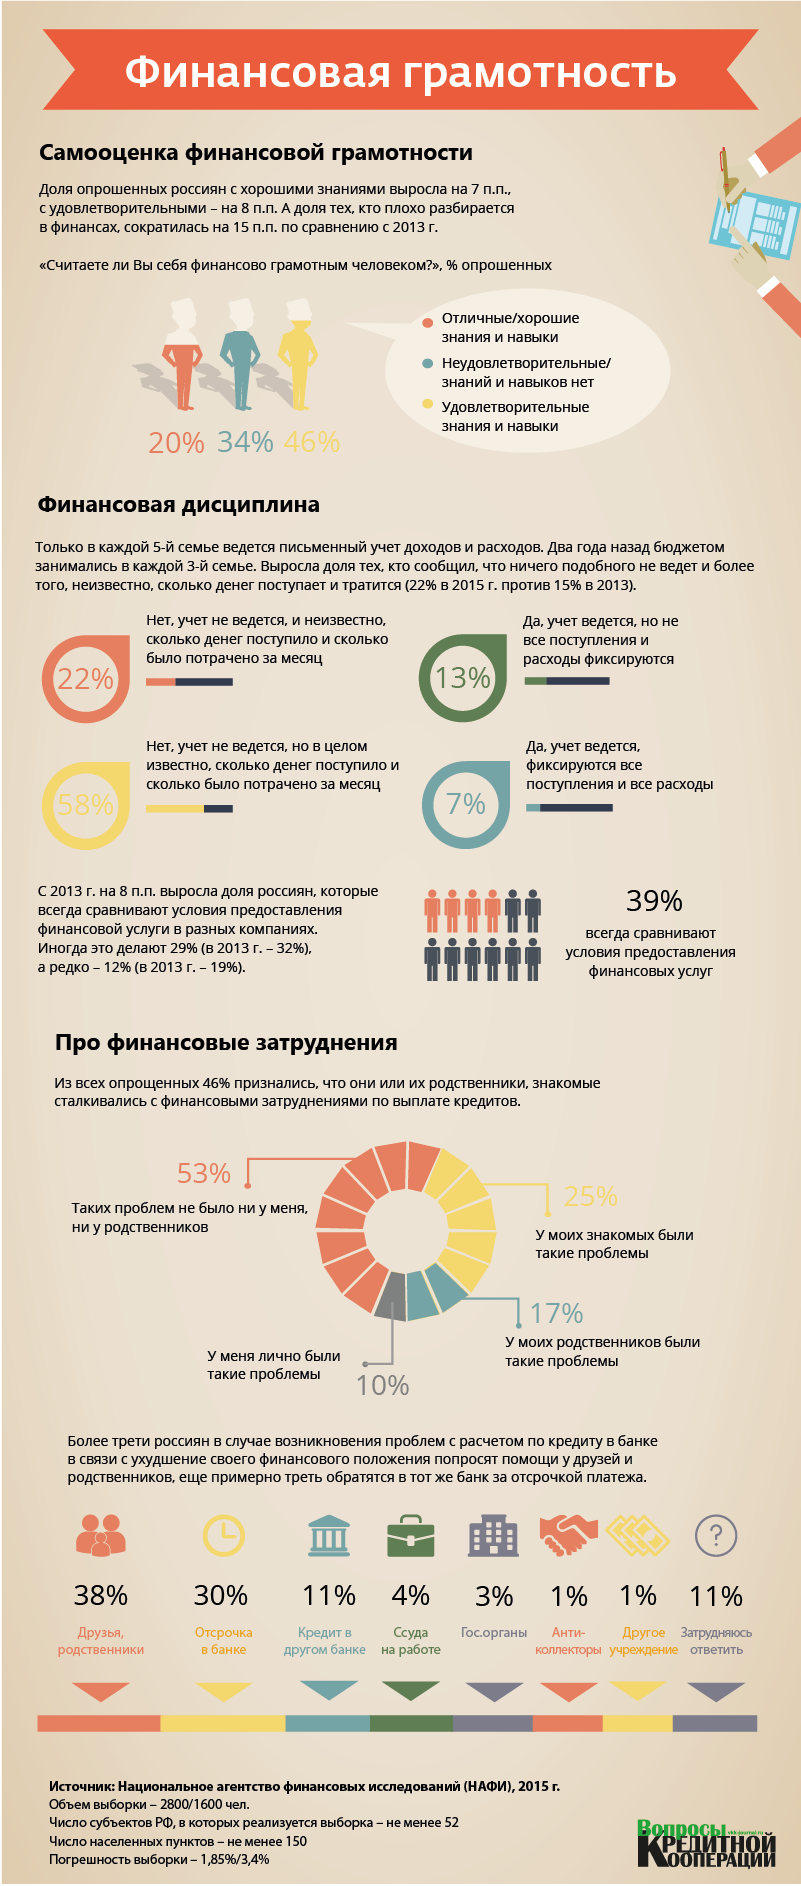 Инфографика. Финансовая грамотность